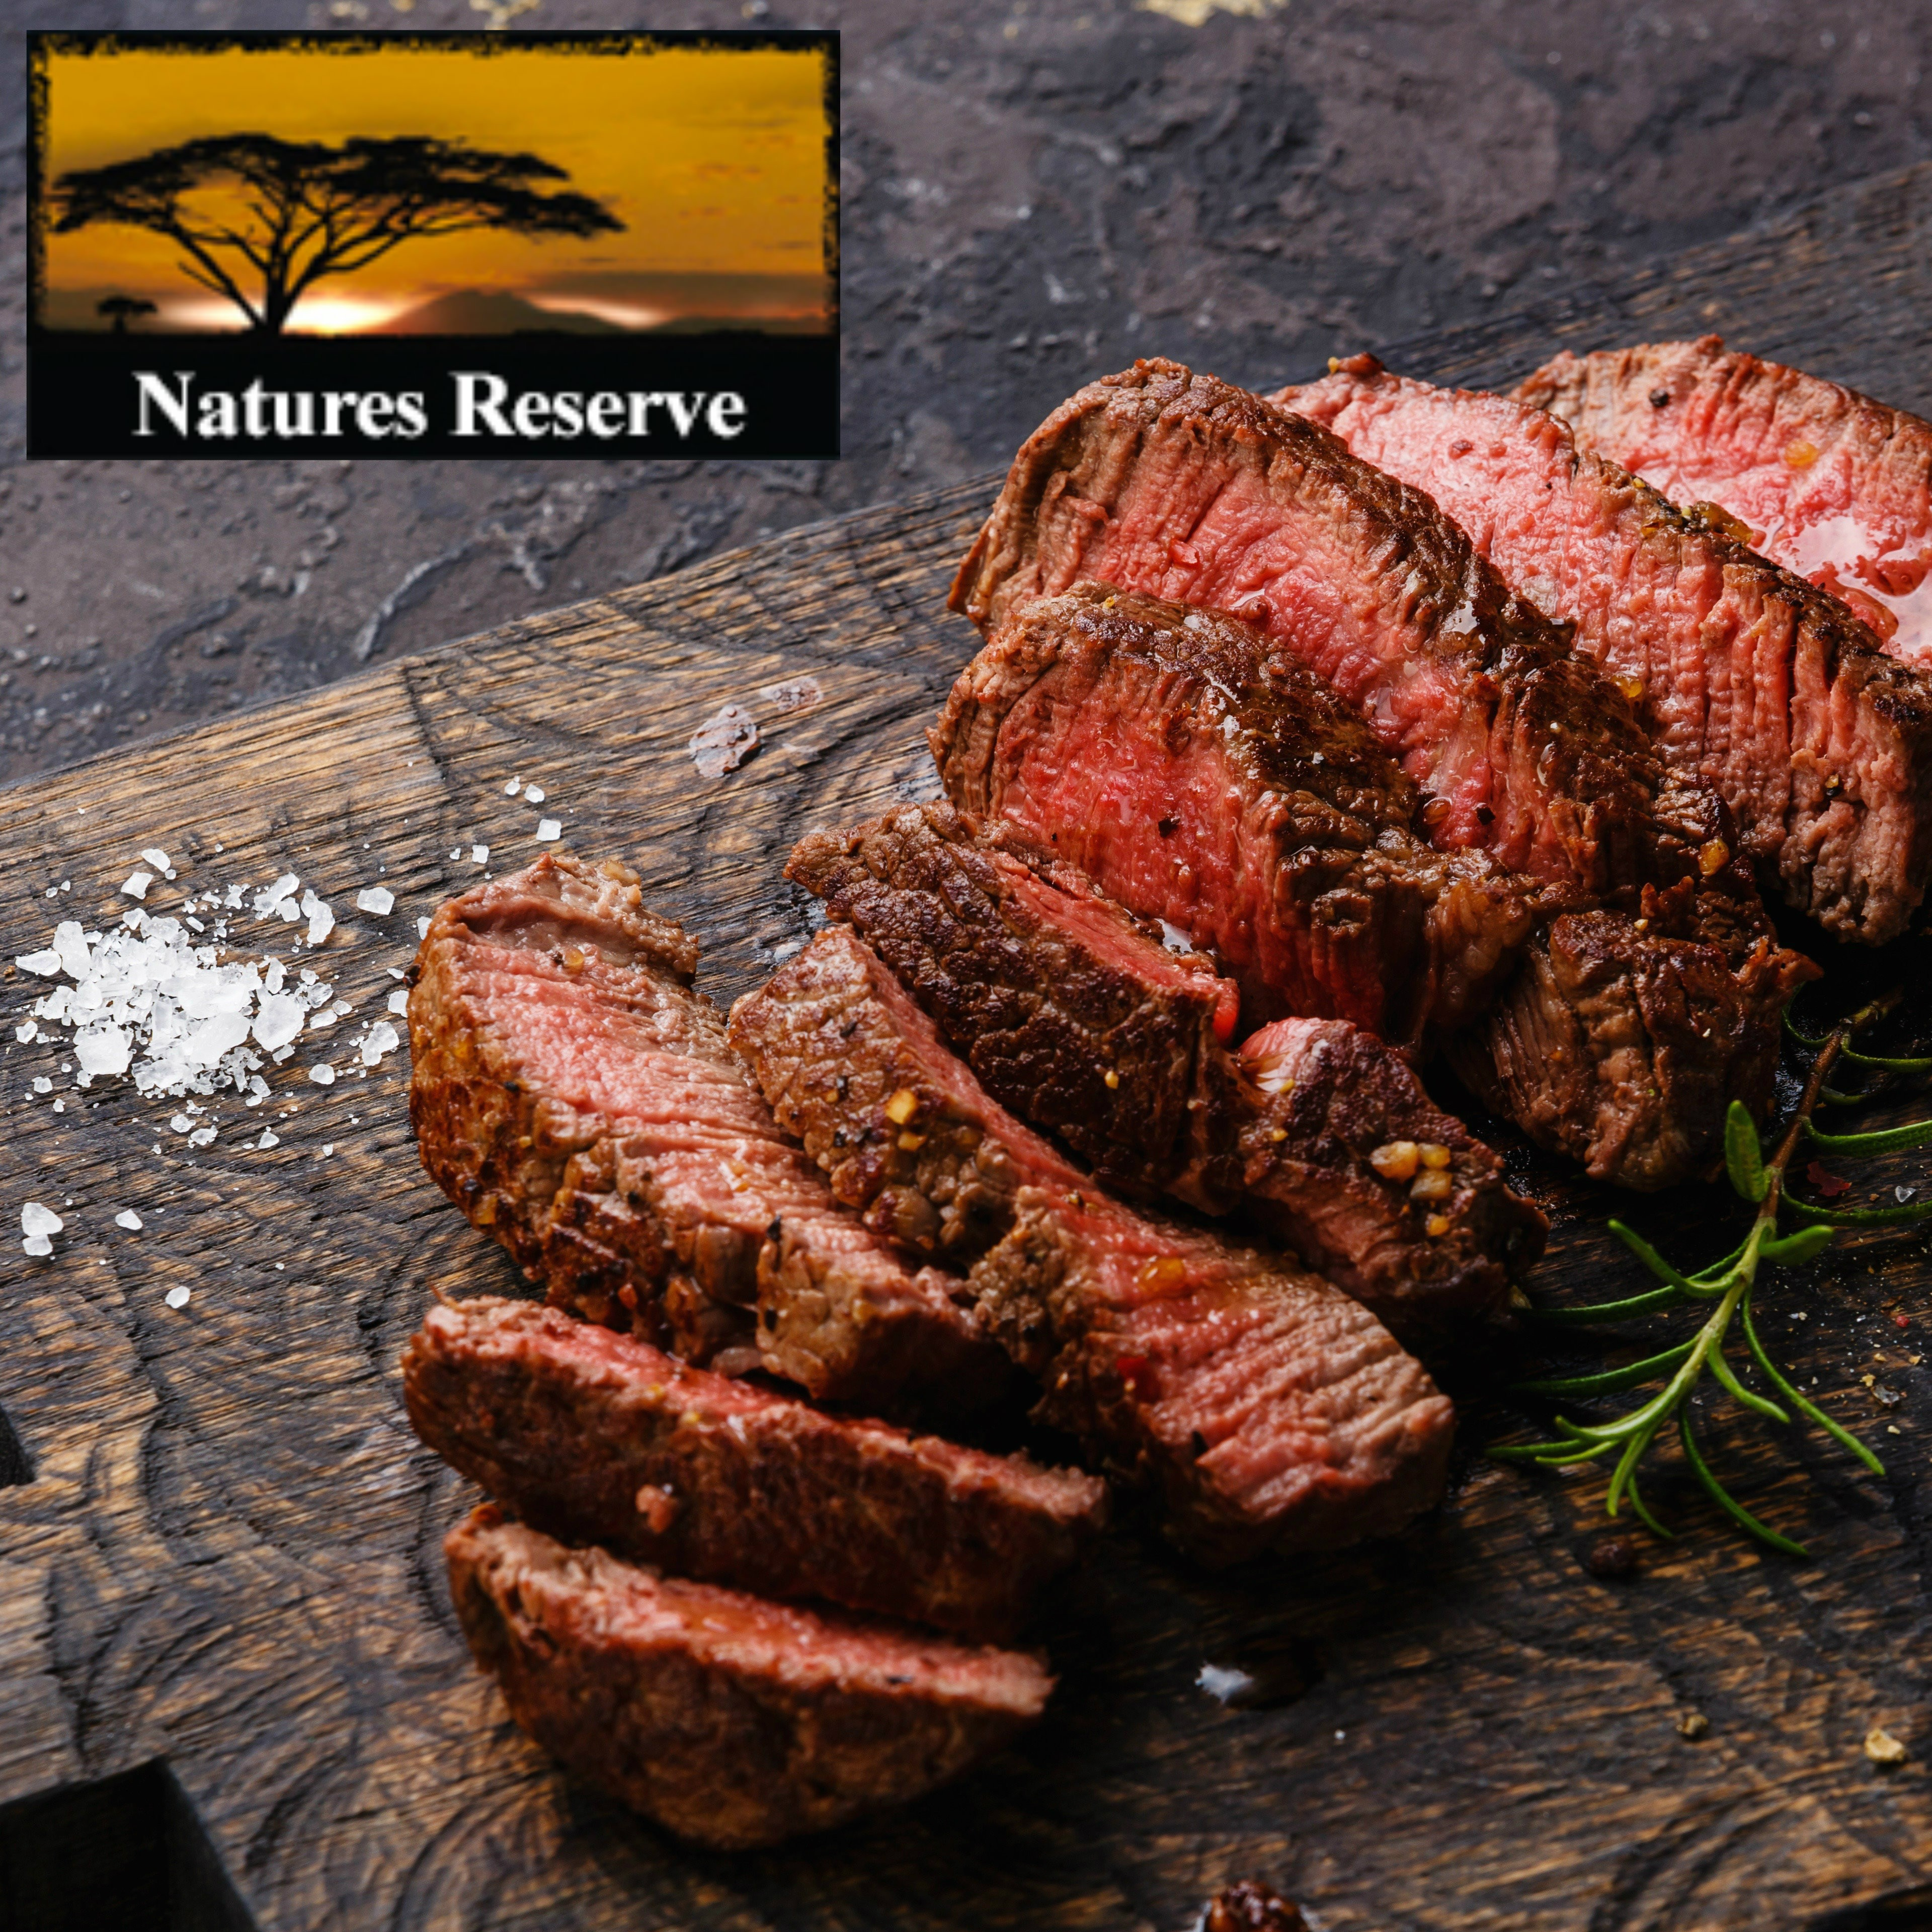 Teres Major Deal . Natures Reserve. Ca. 4.5 kg